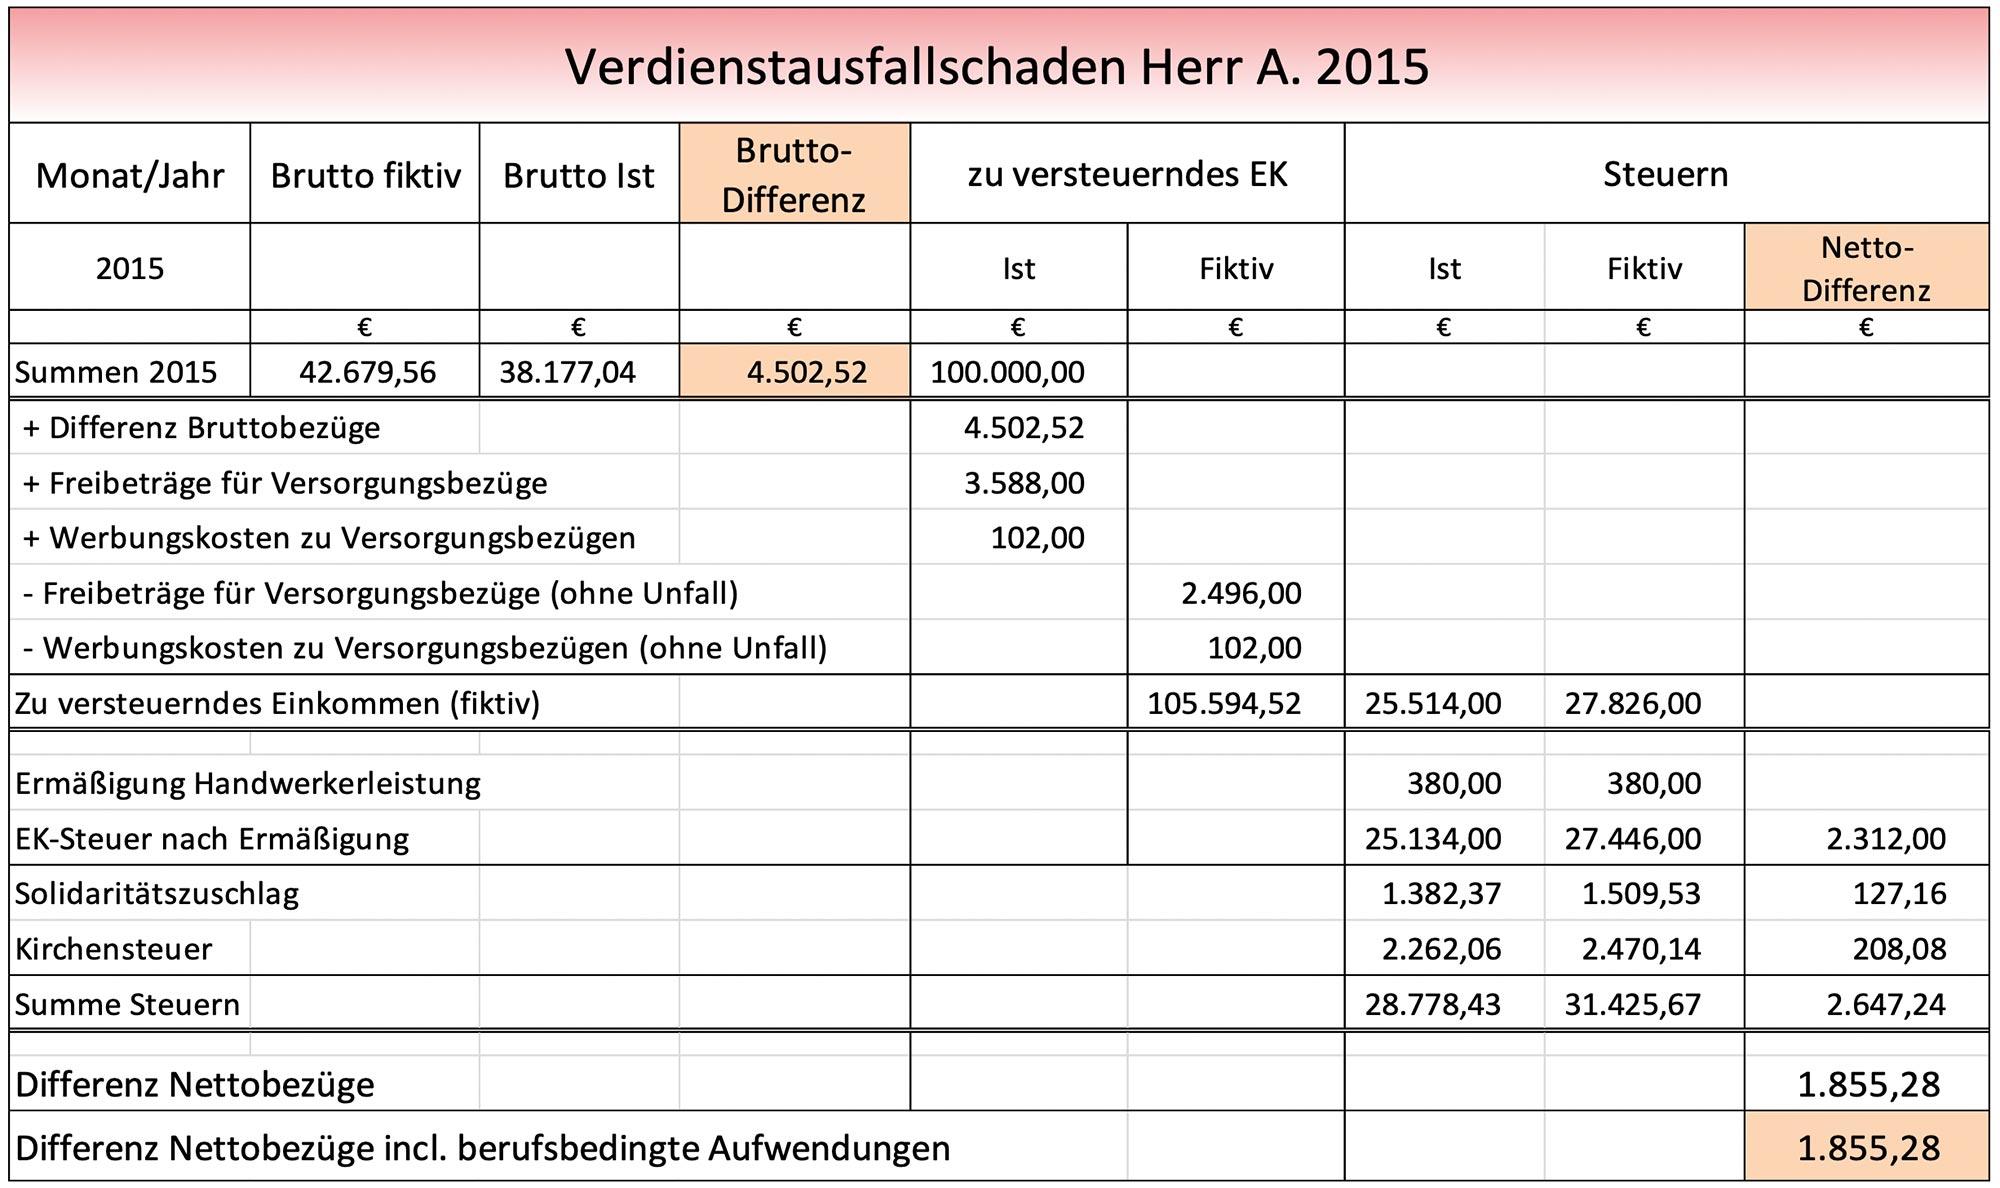 Berechnungen des Verdienstausfalls eines Beamten für das Jahr 2015